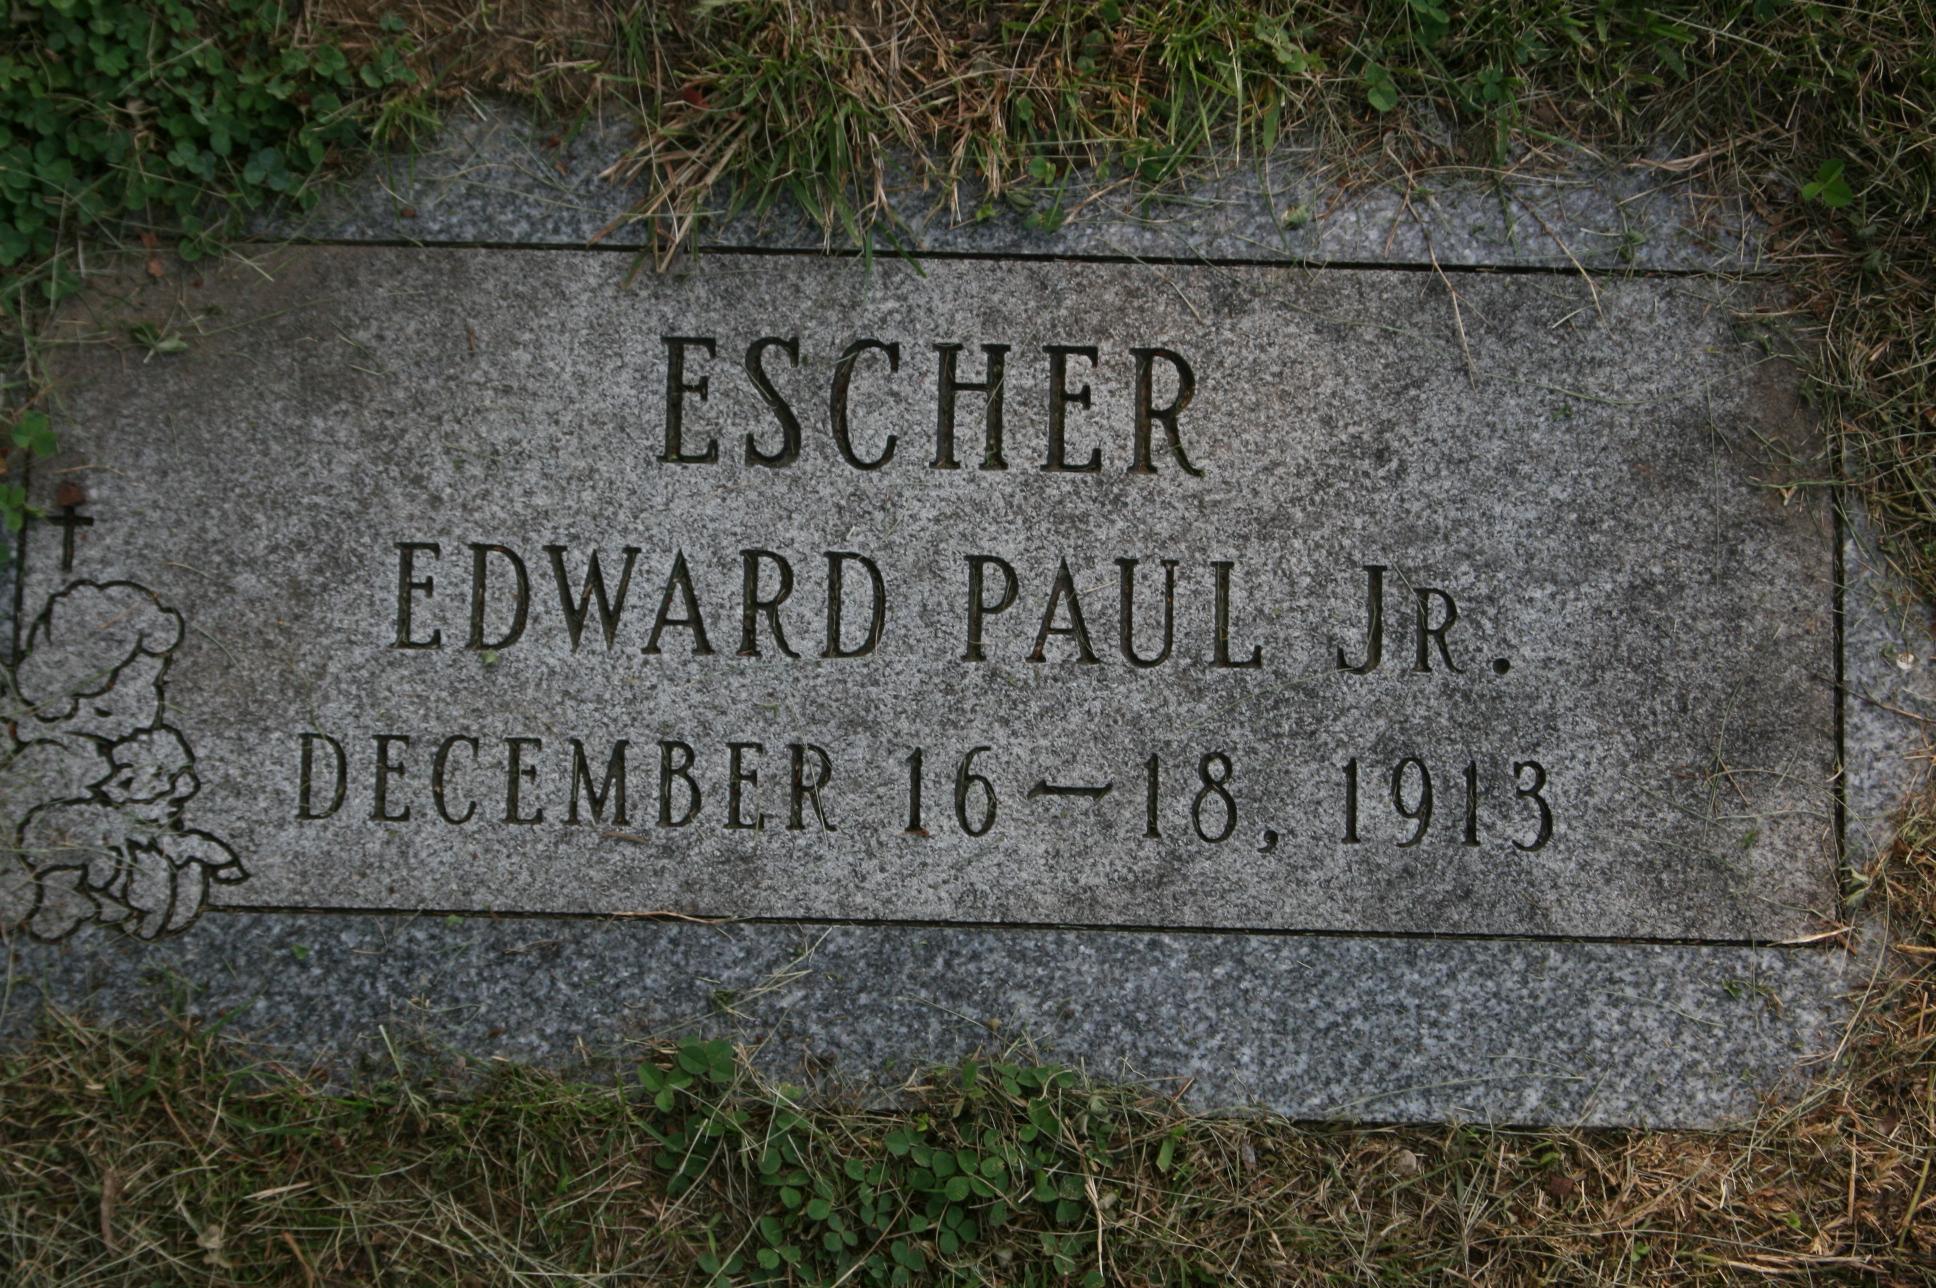 Edward Paul Escher, Jr